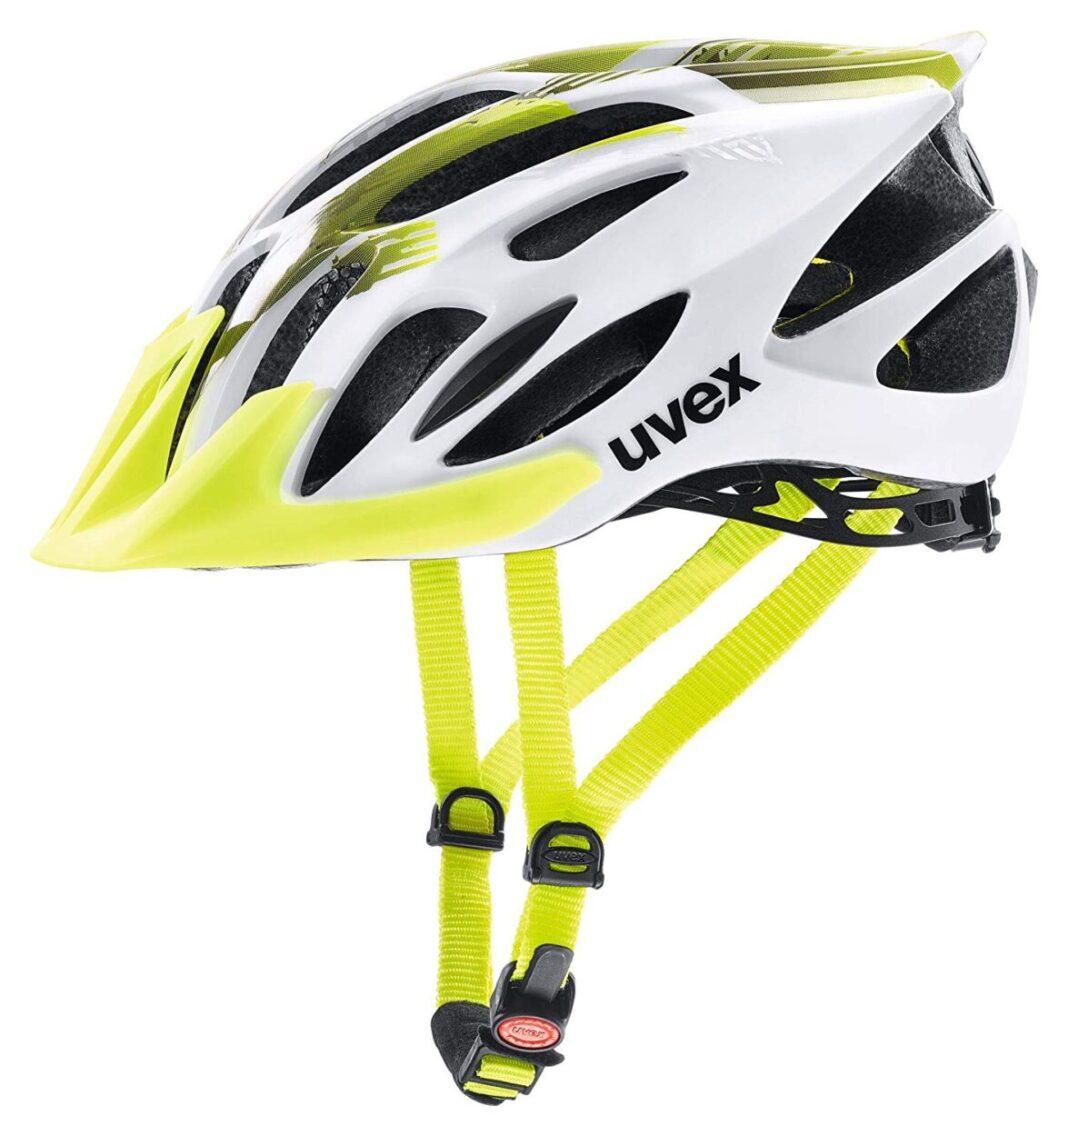 casco-bicicleta-barato-amazon-calidad-precio-uvex-flash-mejores-cascos-bici